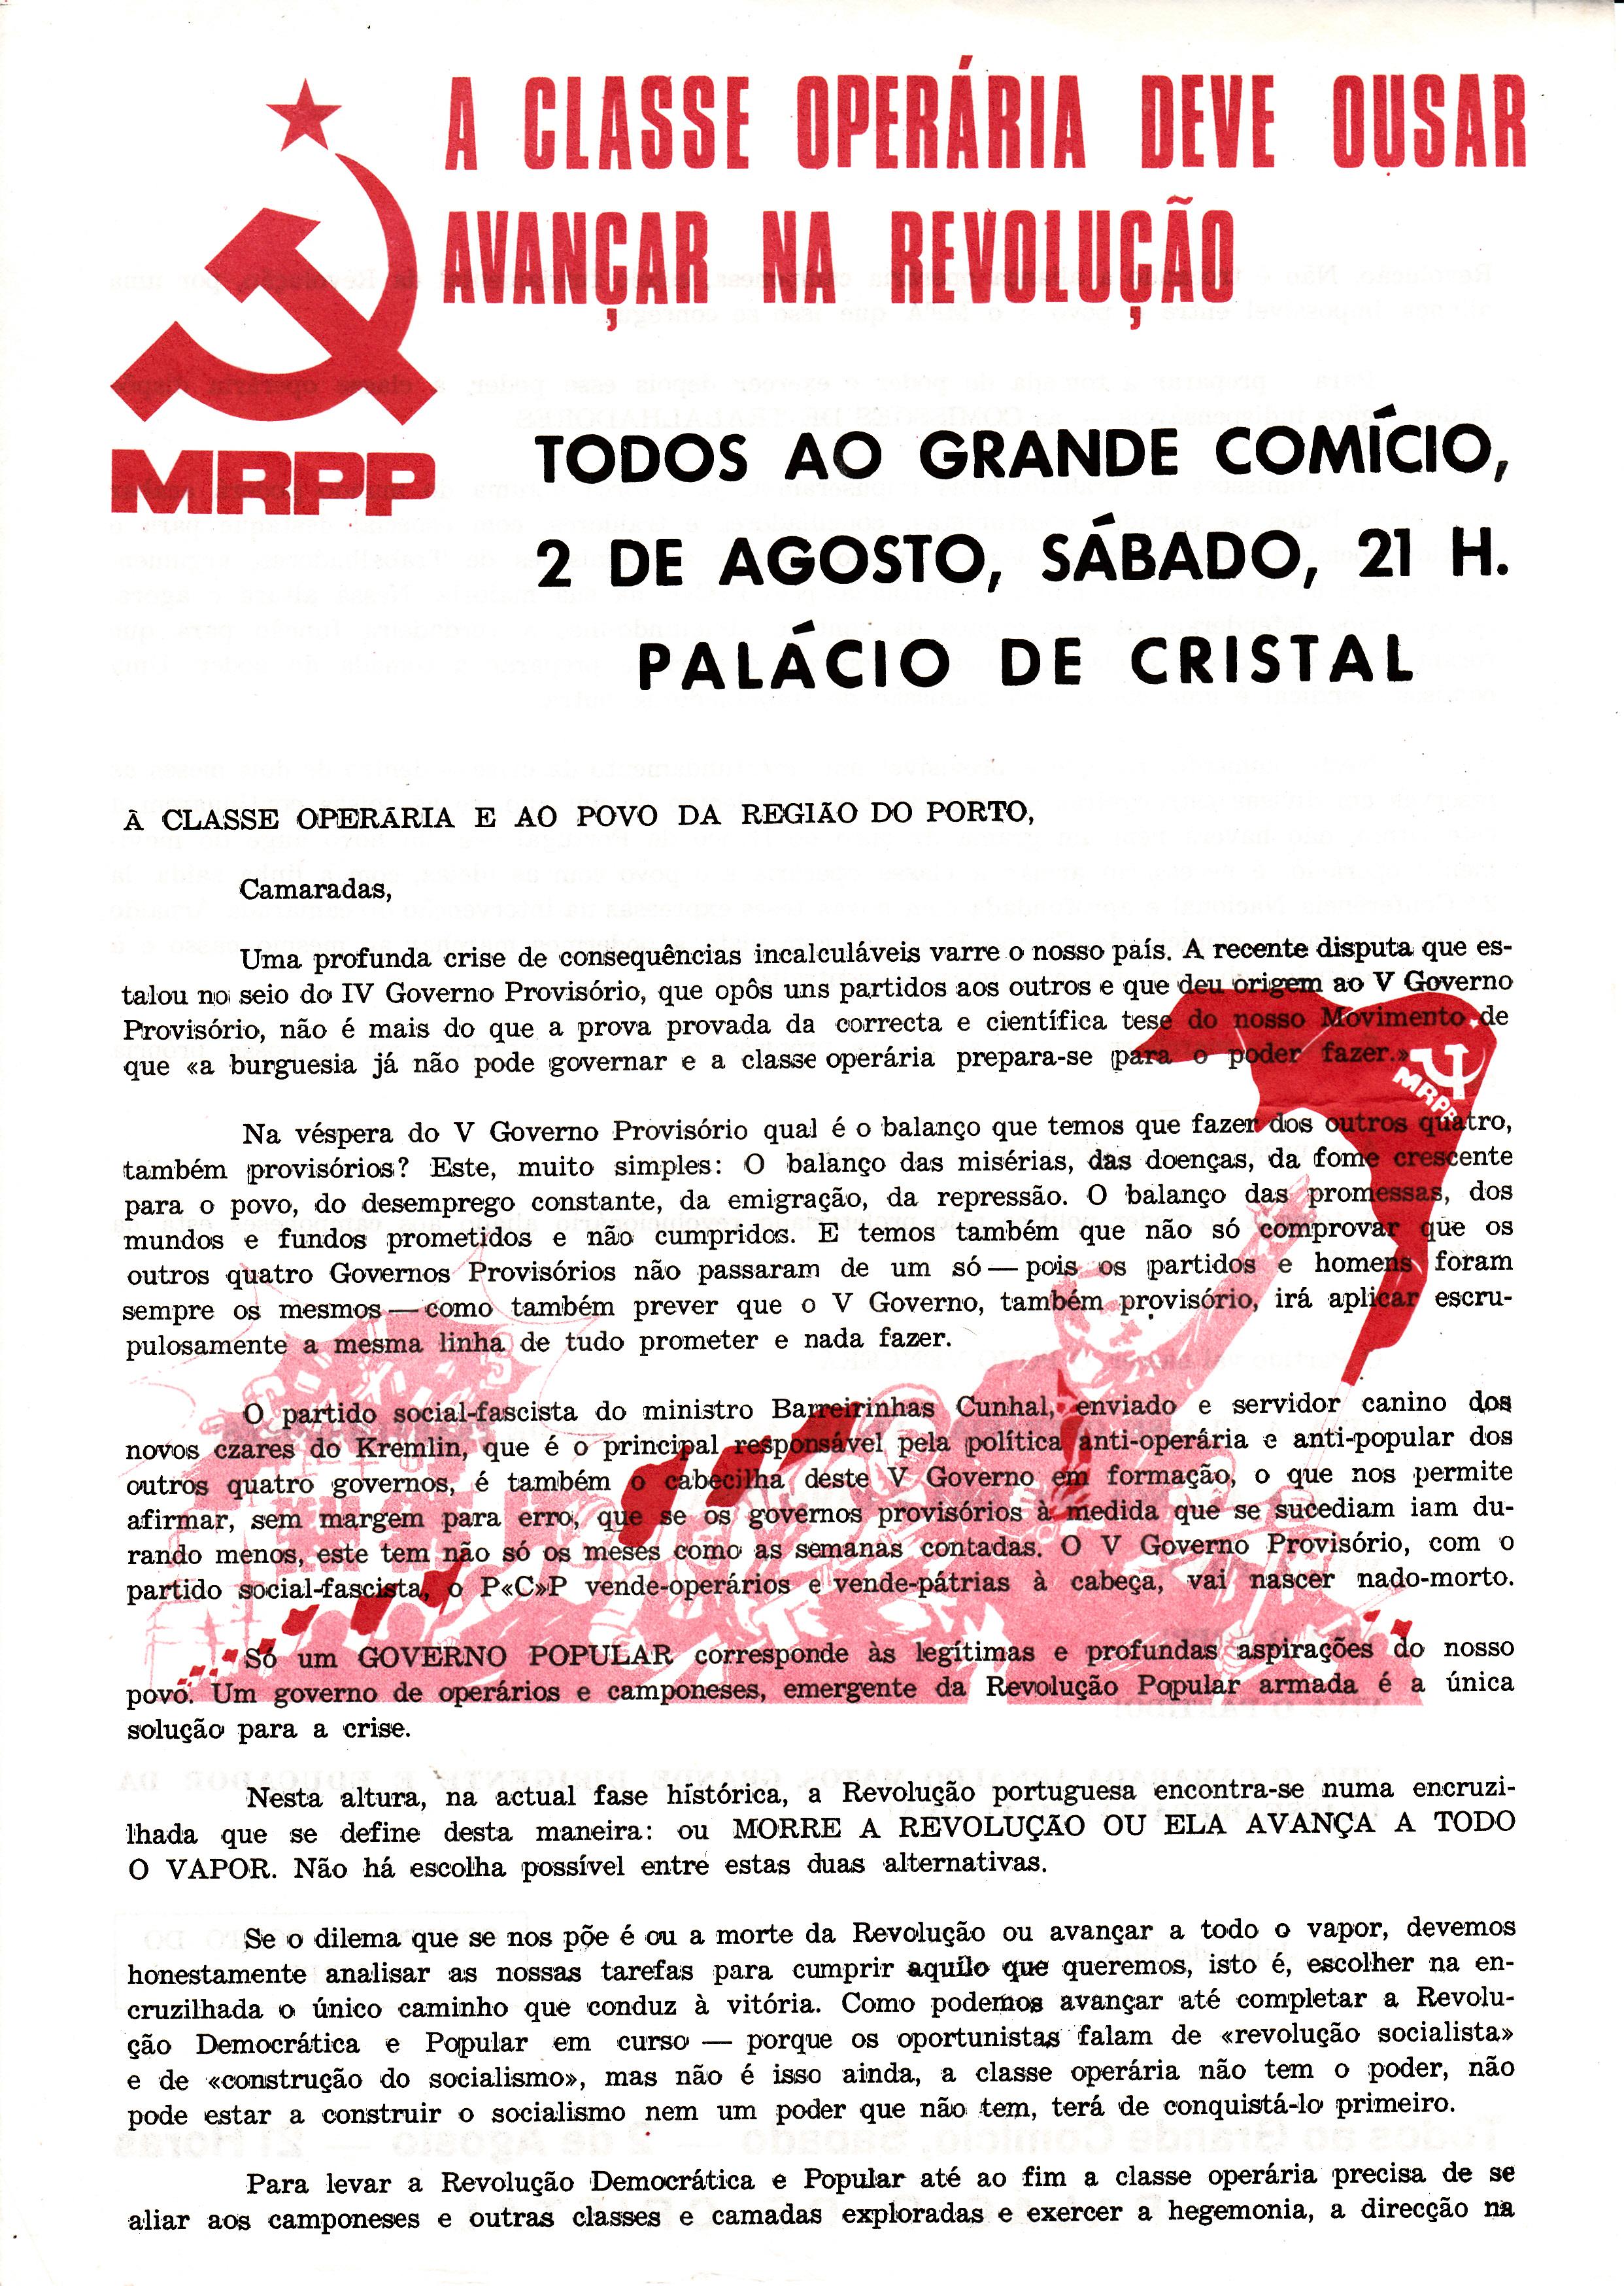 MRPP_1975_07_28_0001